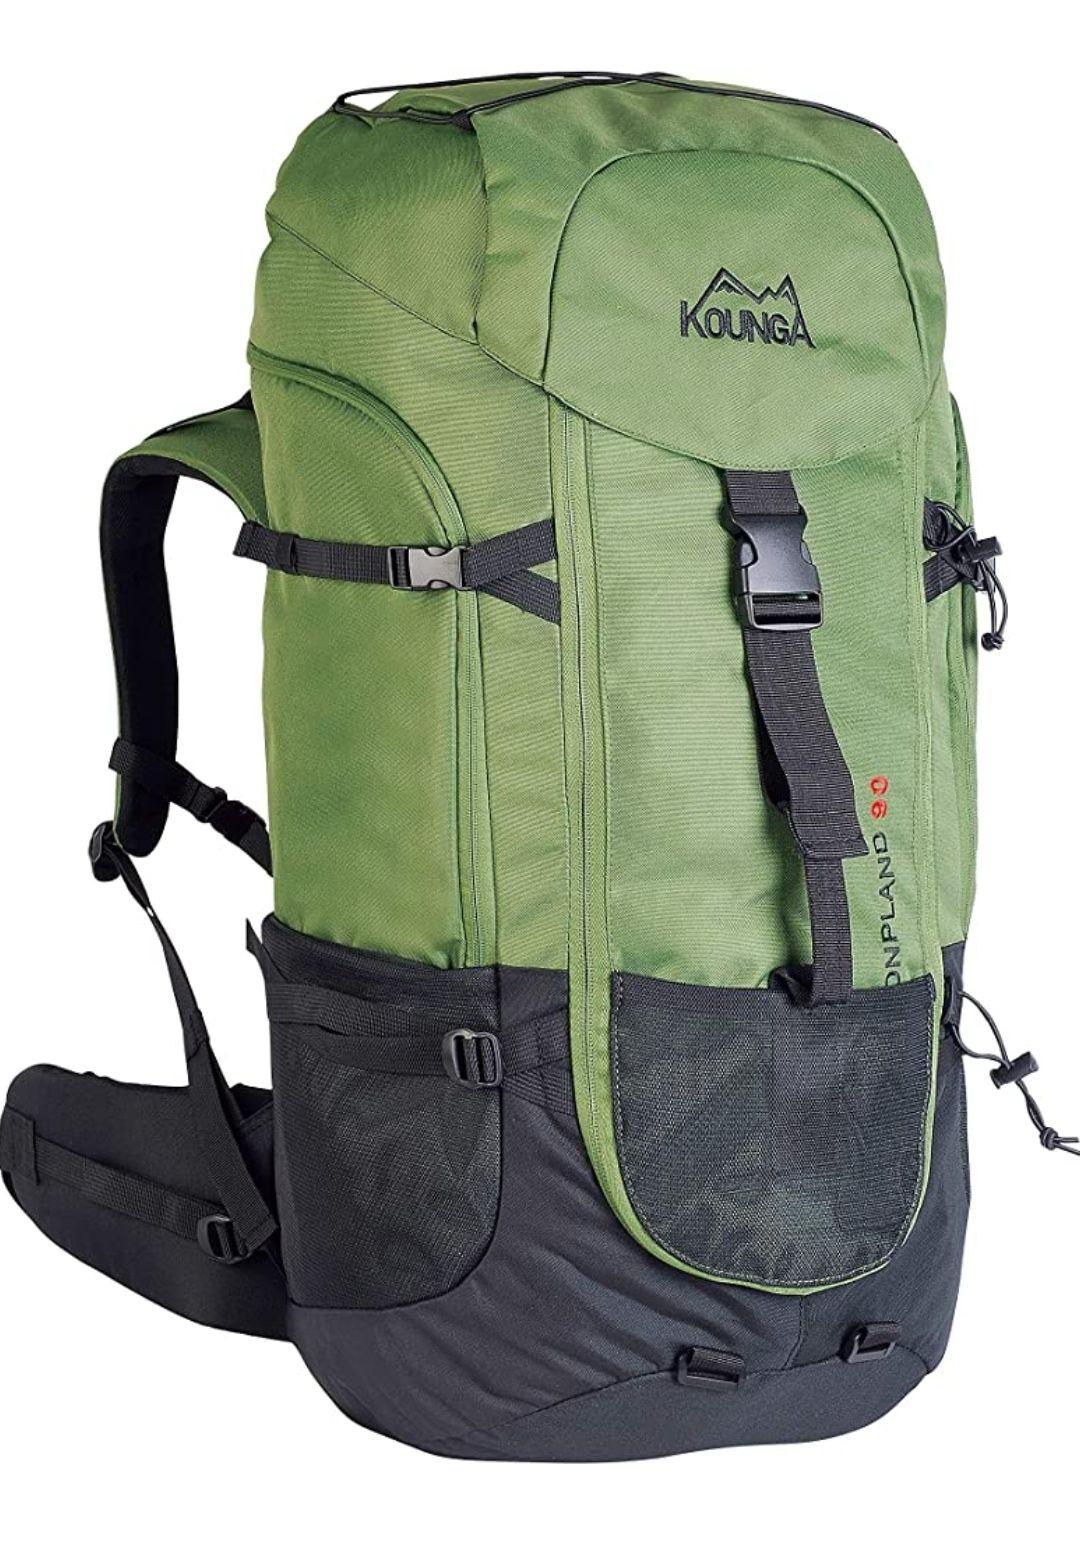 Kounga Bonpland Mochila Unisex adulto 90litros * + otras capacidades en descripción*